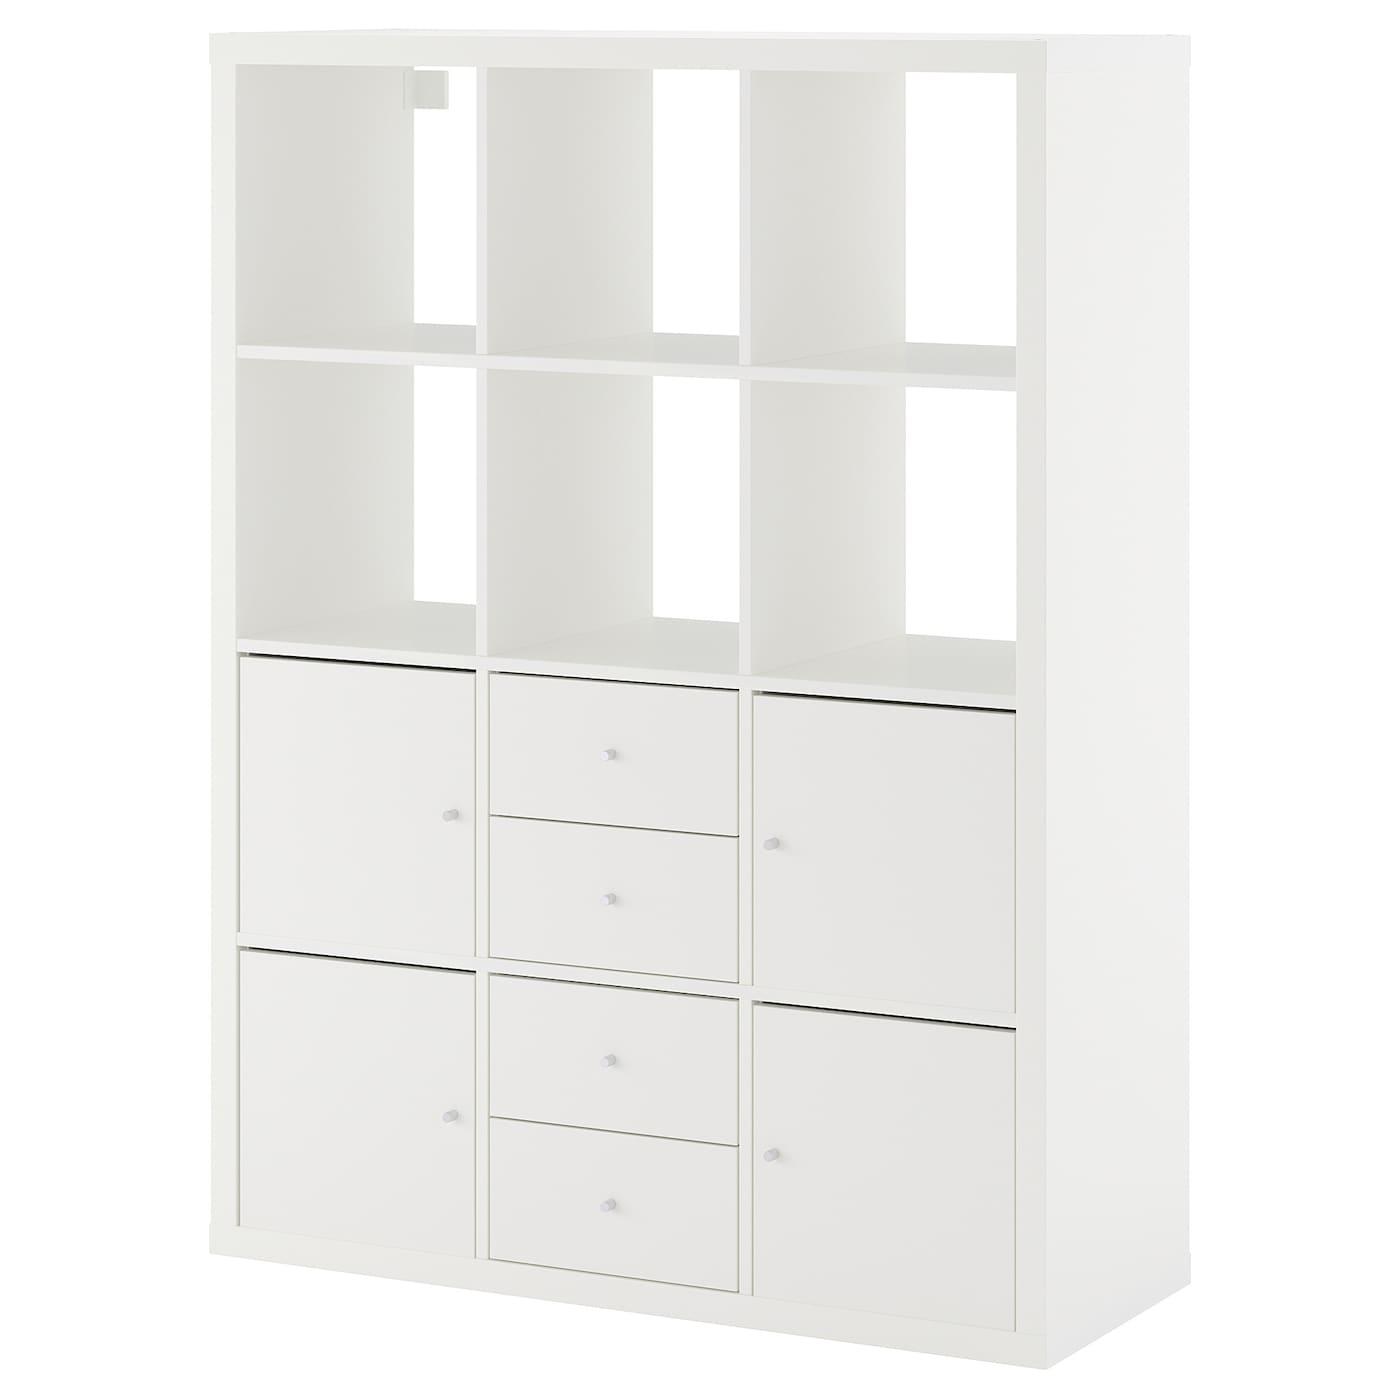 KALLAX Regal mit 2 Einsätzen weiß IKEA Österreich